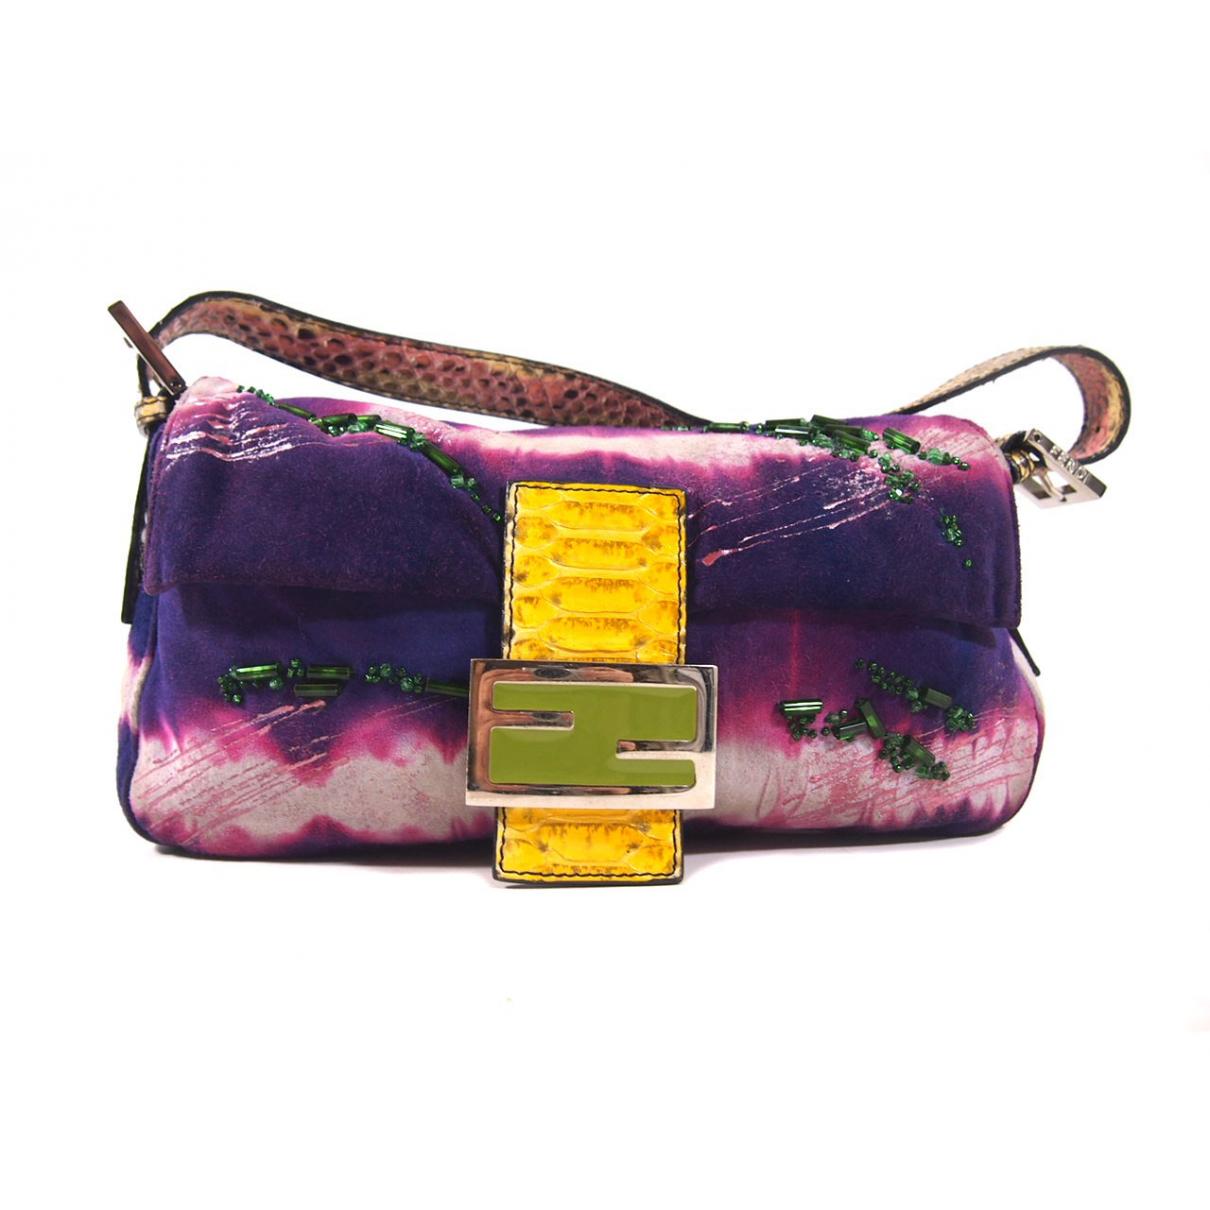 Fendi \N Suede handbag for Women \N